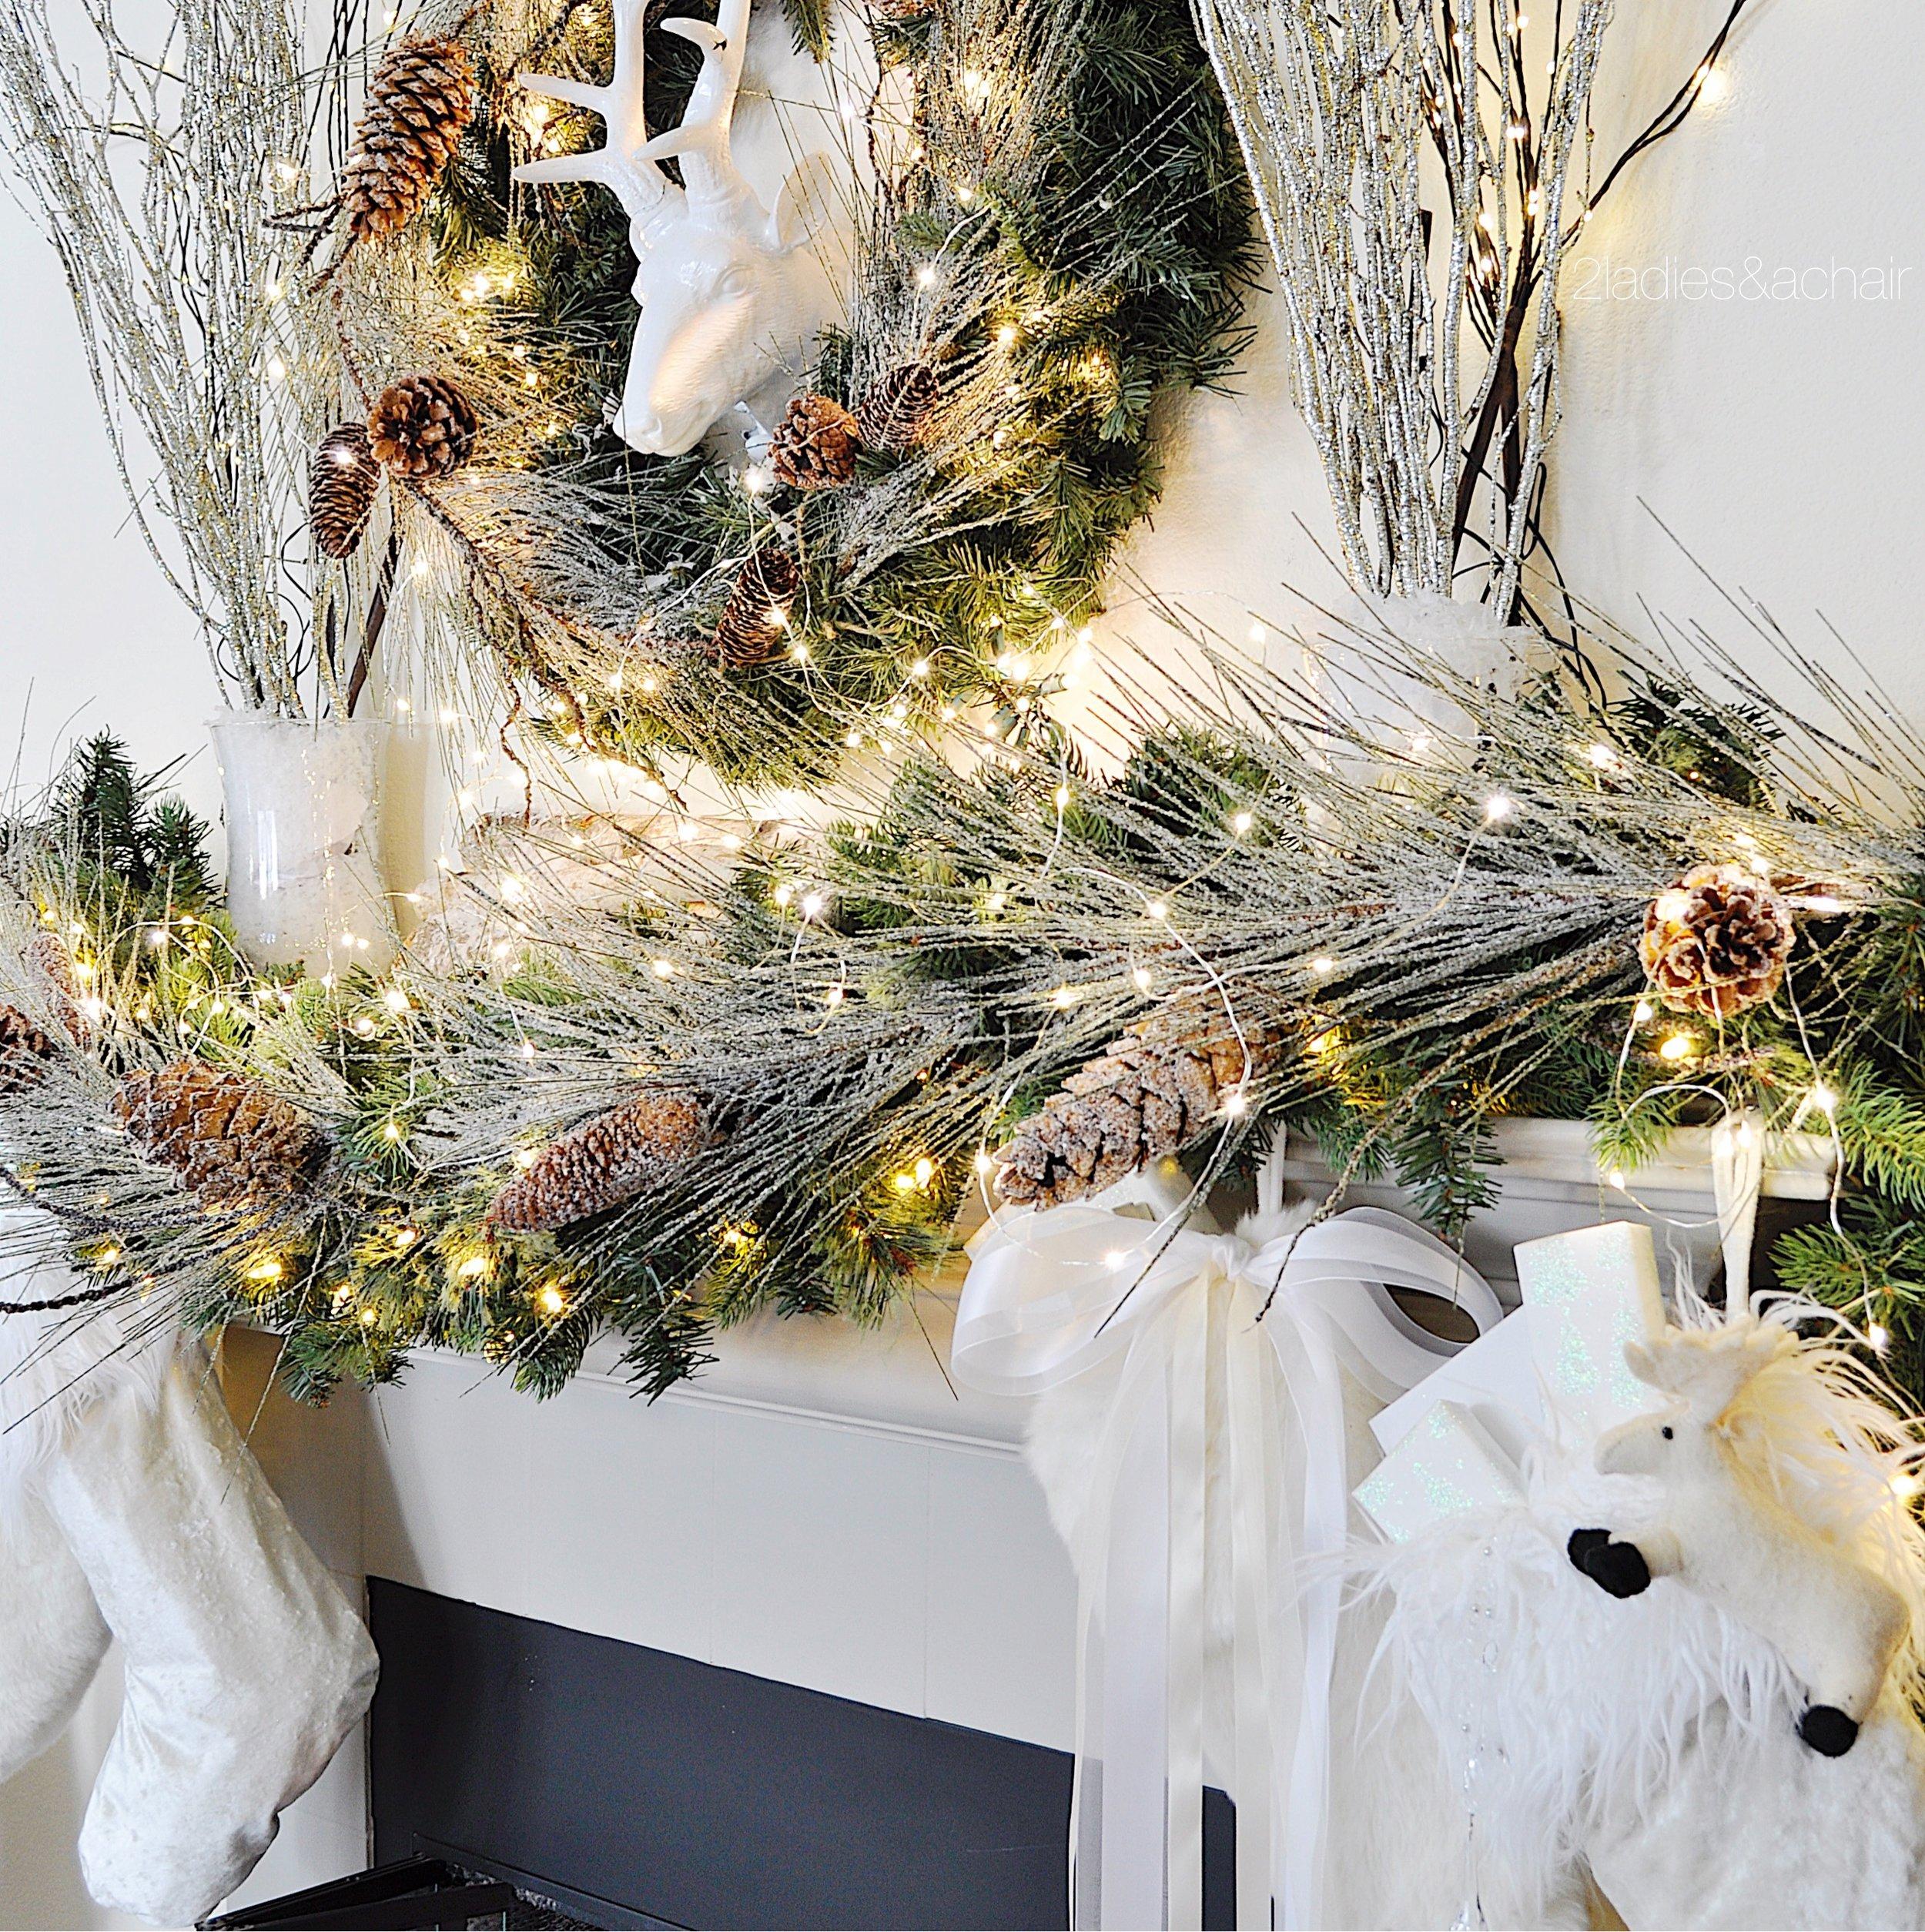 christmas home decorating IMG_8633.JPG